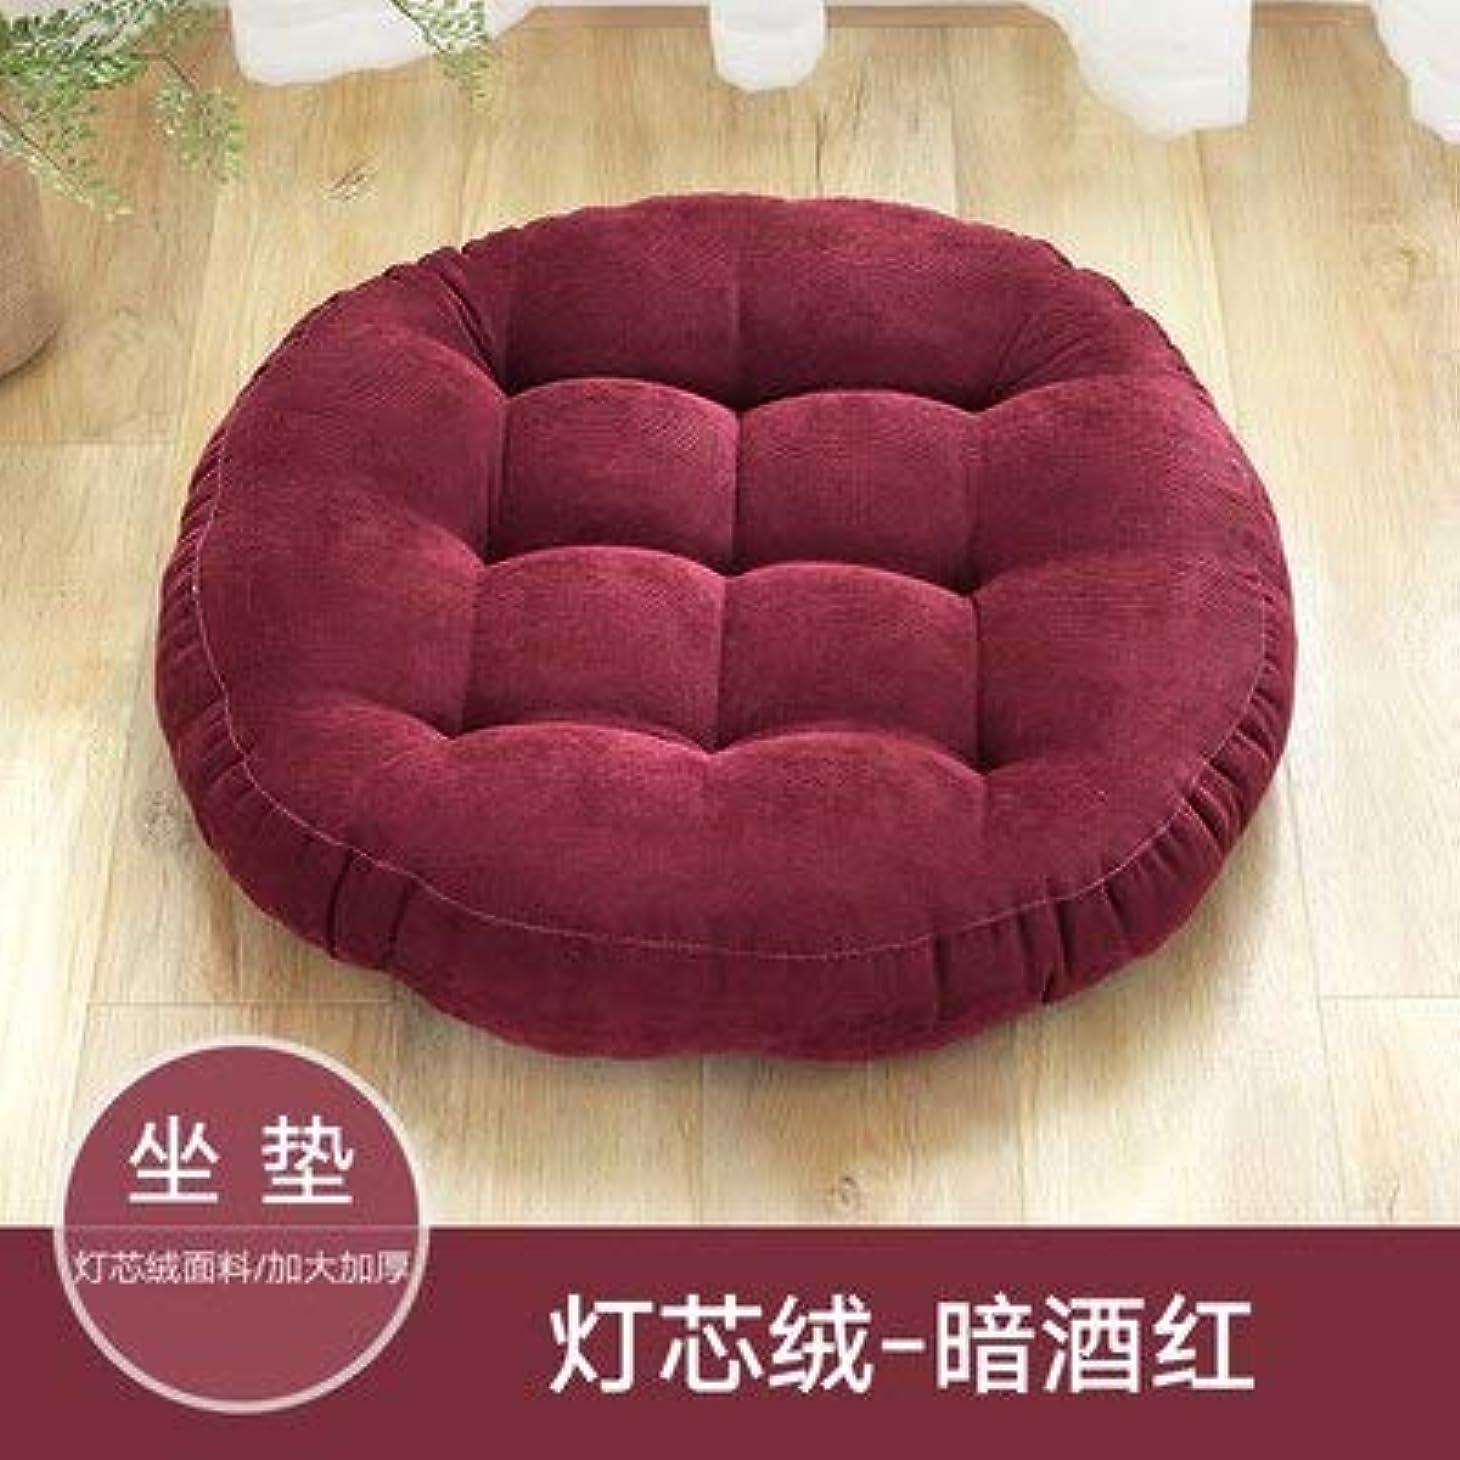 耳不満。LIFE ラウンド厚い椅子のクッションフロアマットレスシートパッドソフトホームオフィスチェアクッションマットソフトスロー枕最高品質の床クッション クッション 椅子